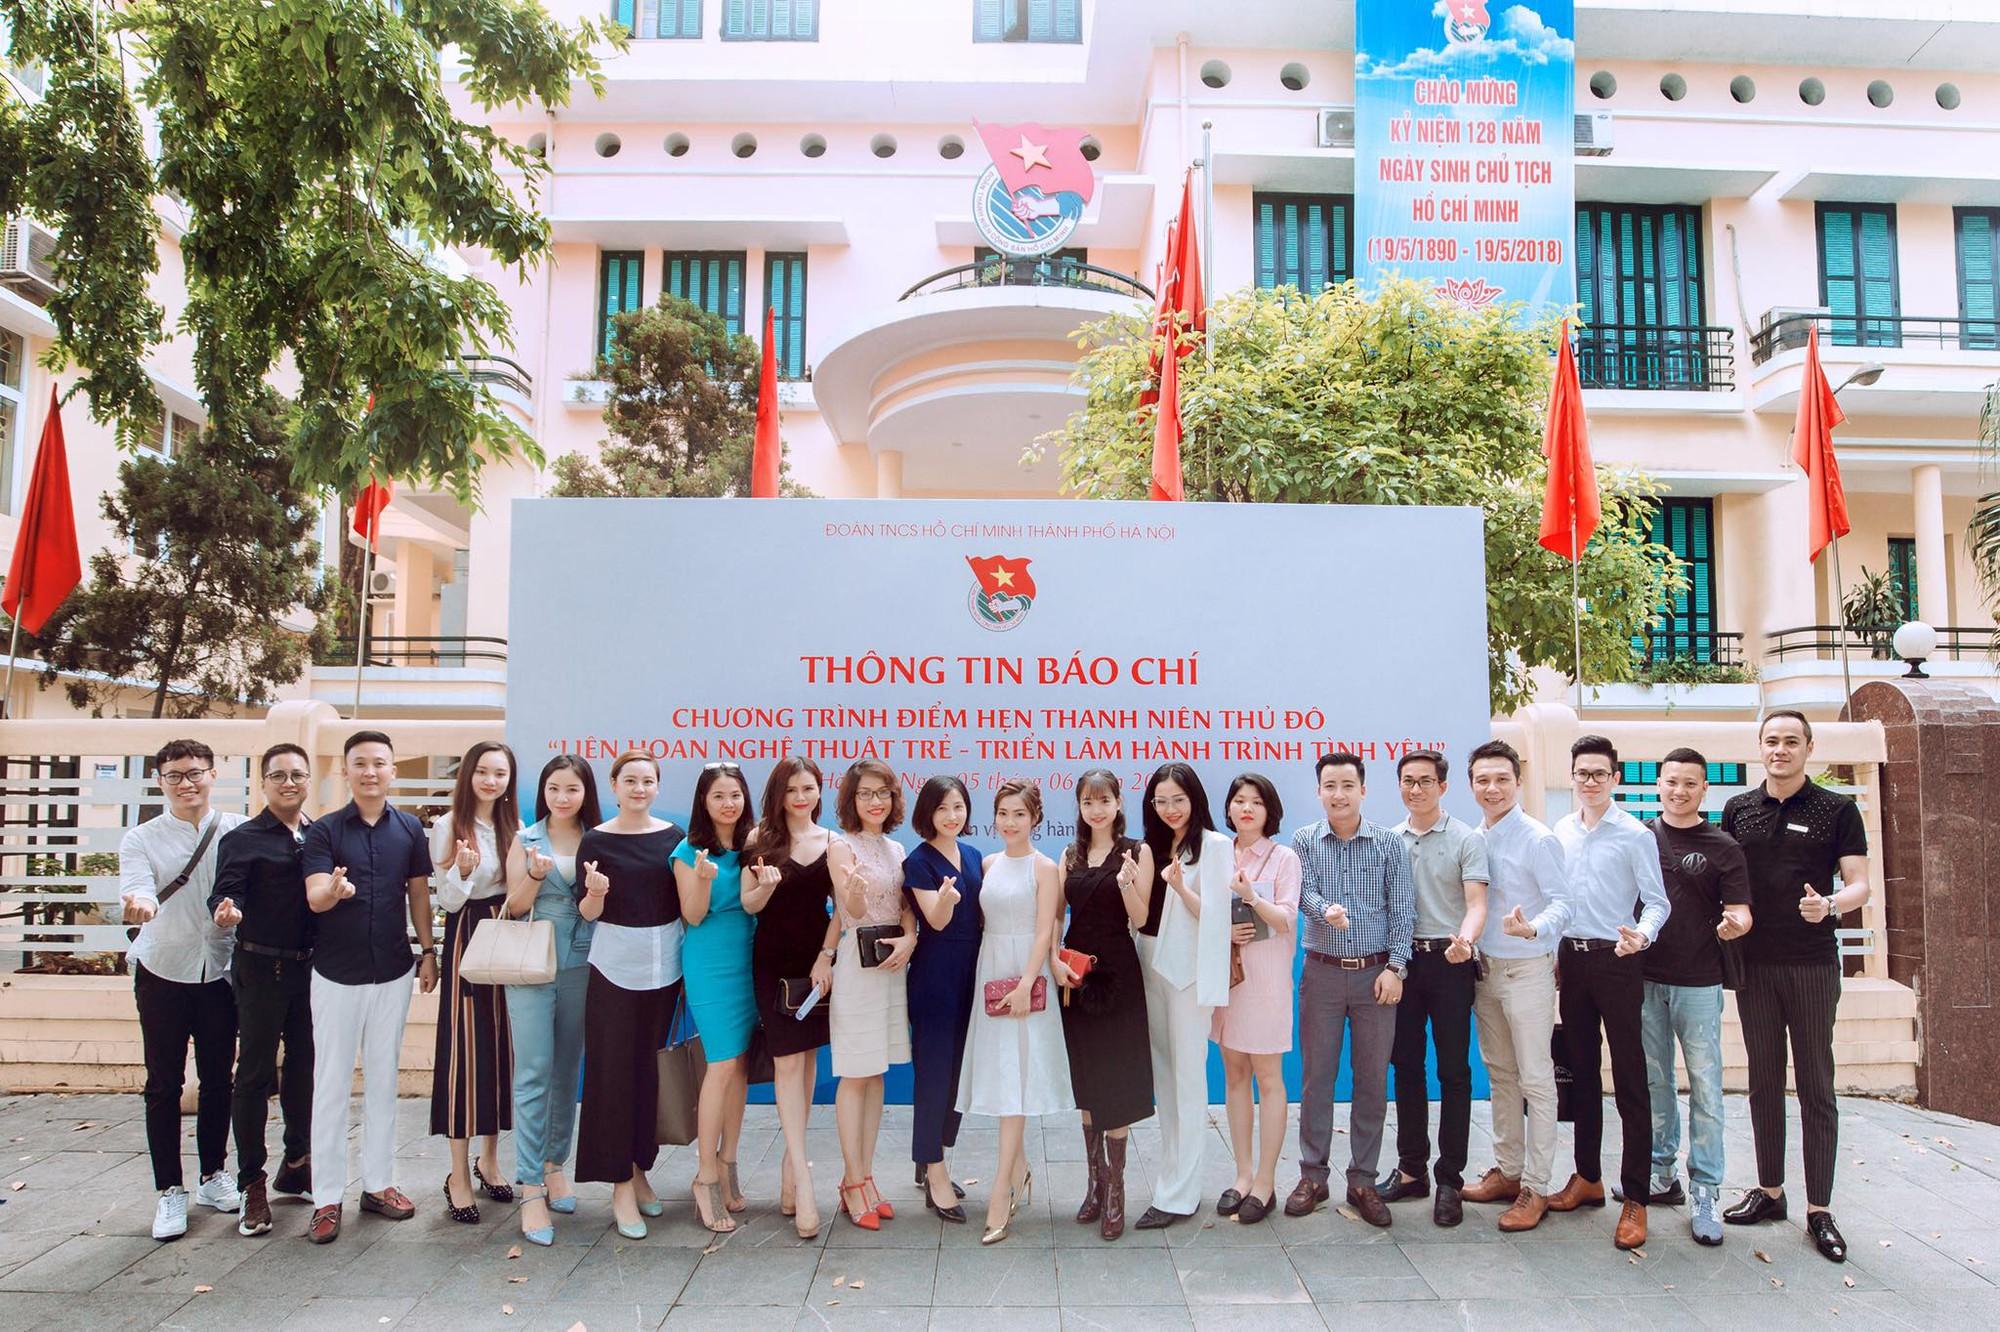 Giới trẻ háo hức đón chờ chuỗi hoạt động văn hóa nghệ thuật ý nghĩa tại chương trình Điểm hẹn Thanh niên Thủ đô 2018 - Ảnh 1.